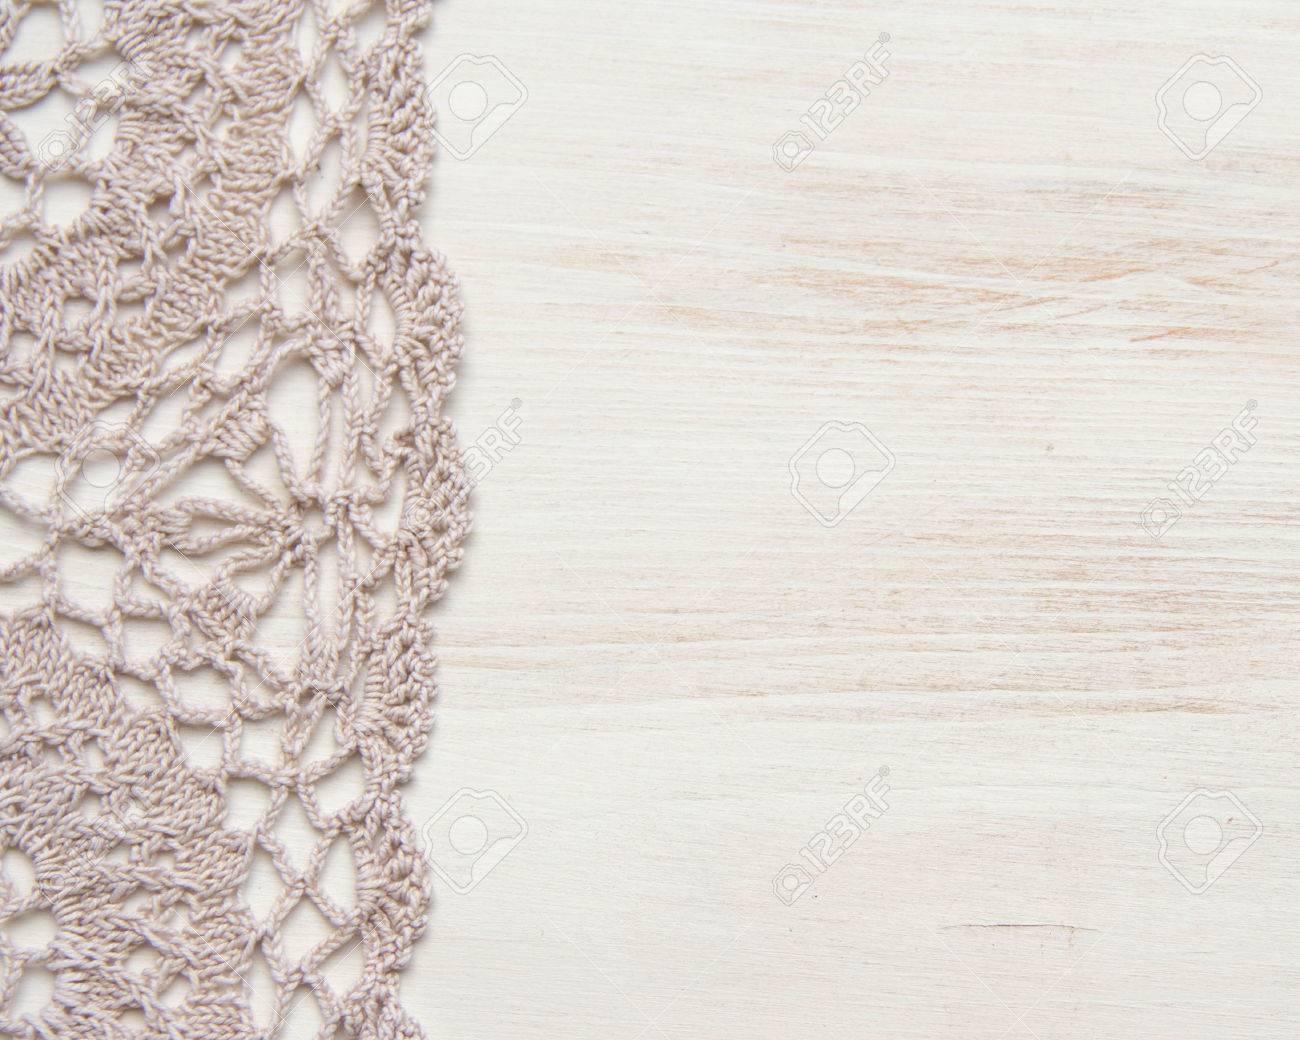 Crochet Doily Border Shabby Chic Stock Photo